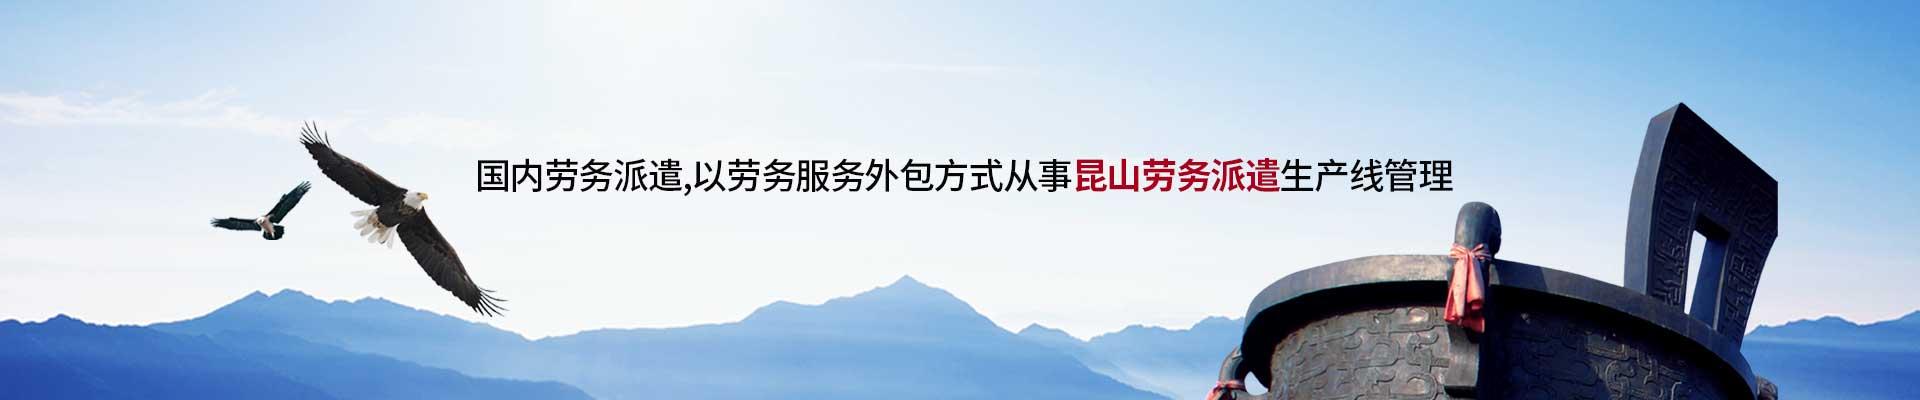 苏州骏骥尧成企业管理有限公司